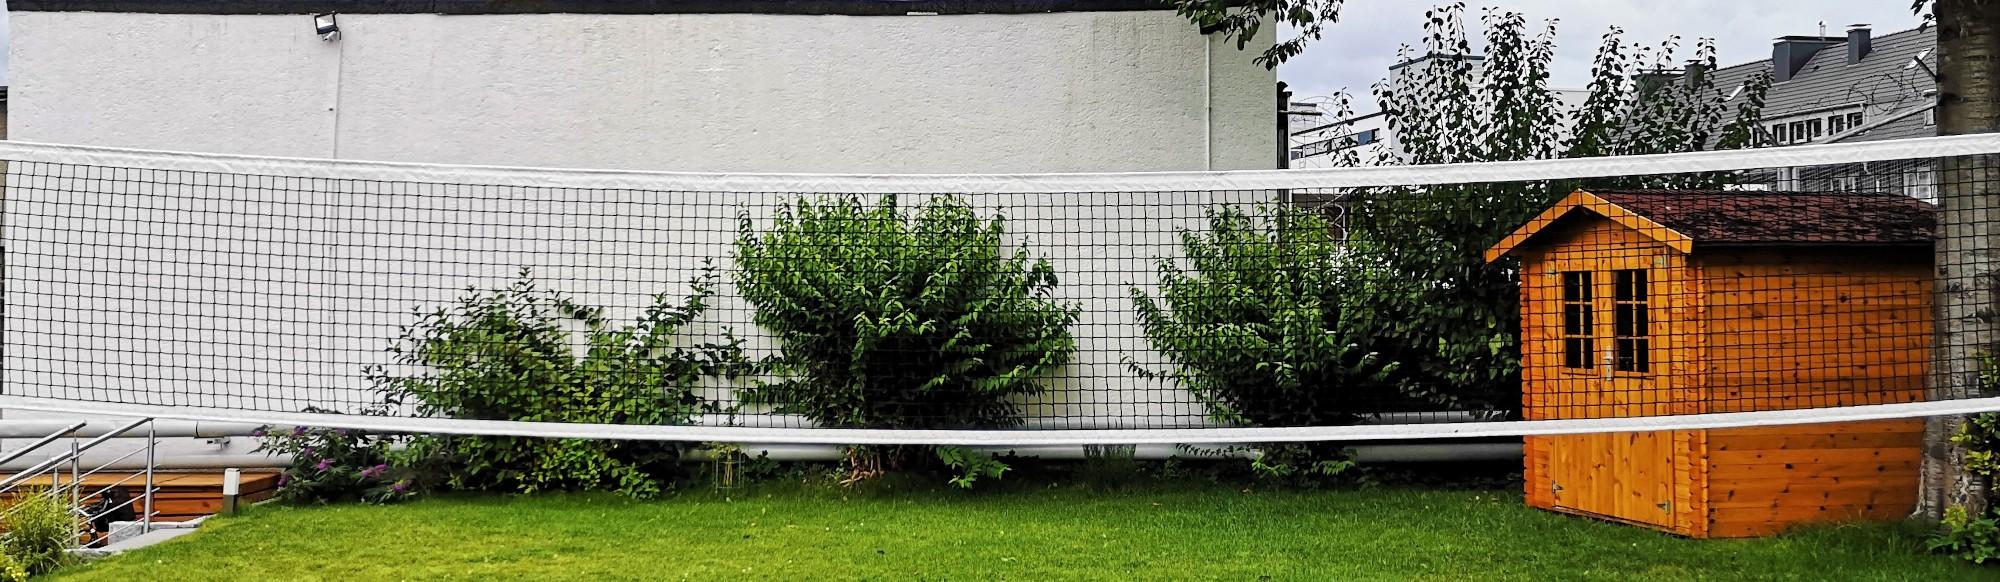 Freie evangelische Gemeinde Wuppertal Barmen - Sport